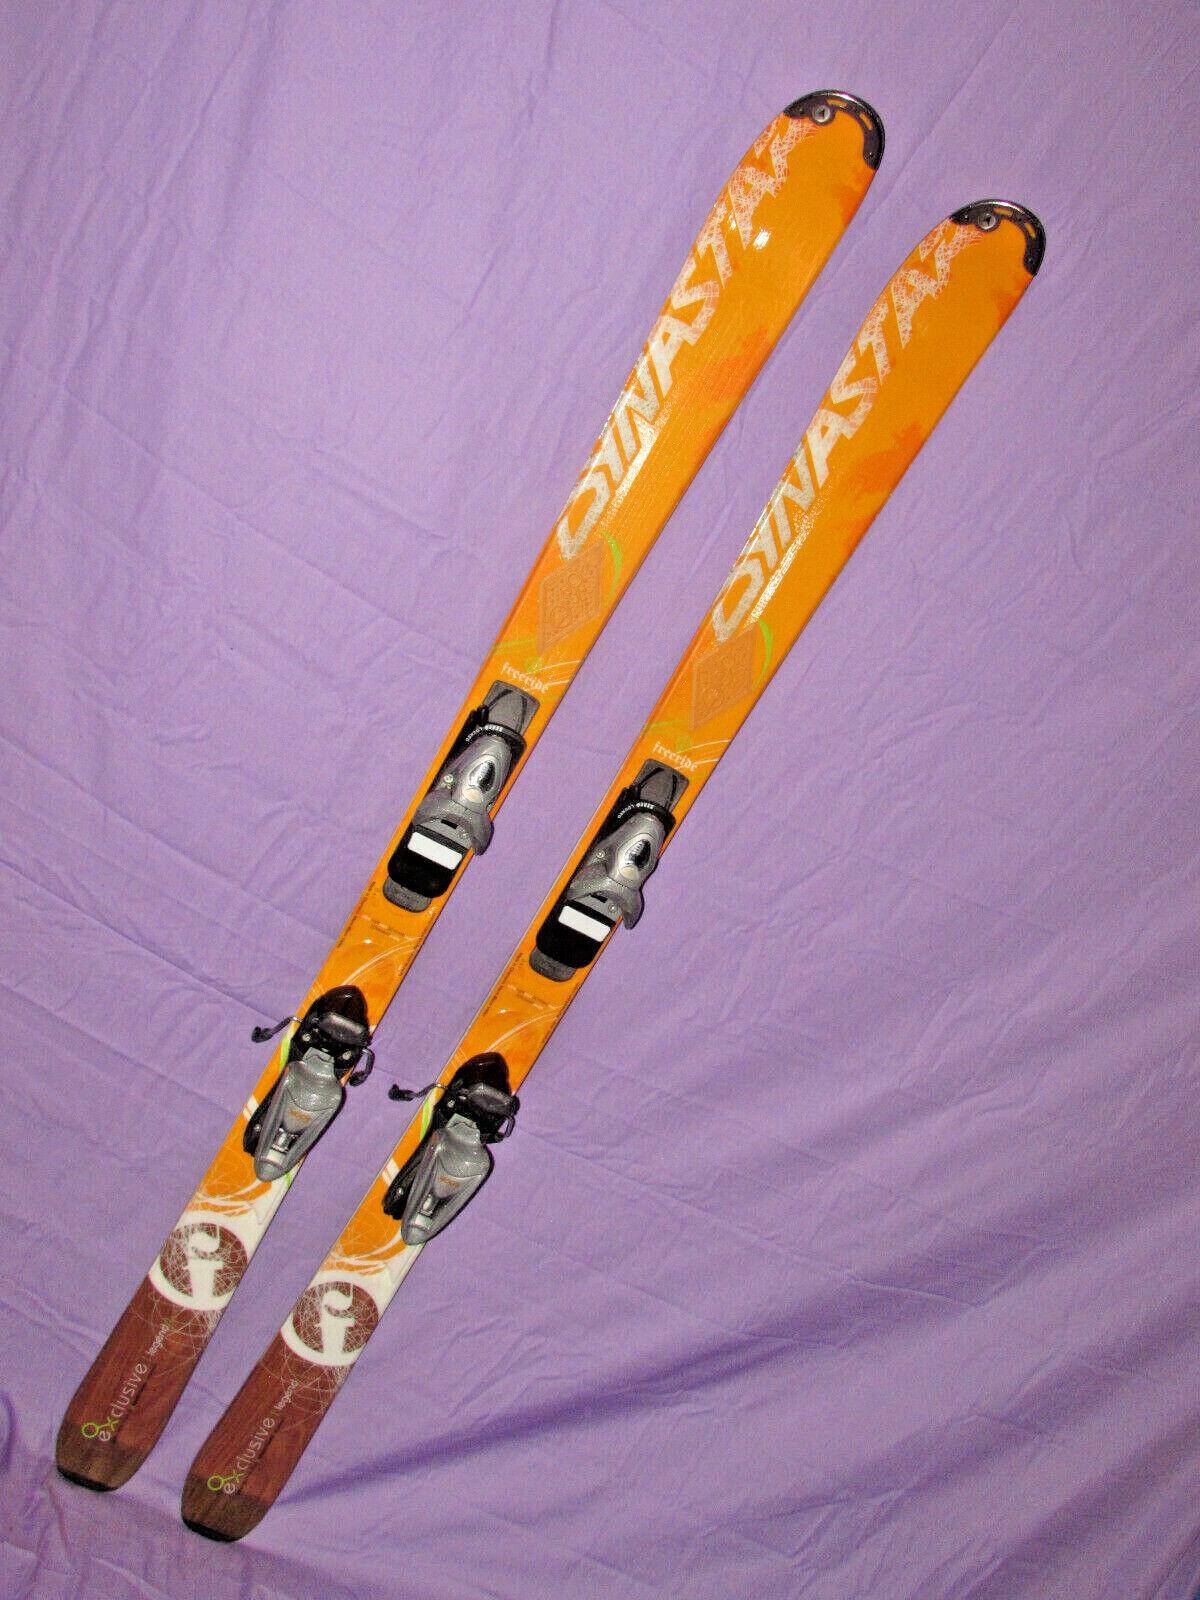 Dynastar EXCLUSIVE Legend DaSie Skier 158cm mit Look Exclusive DEMO Bindungen